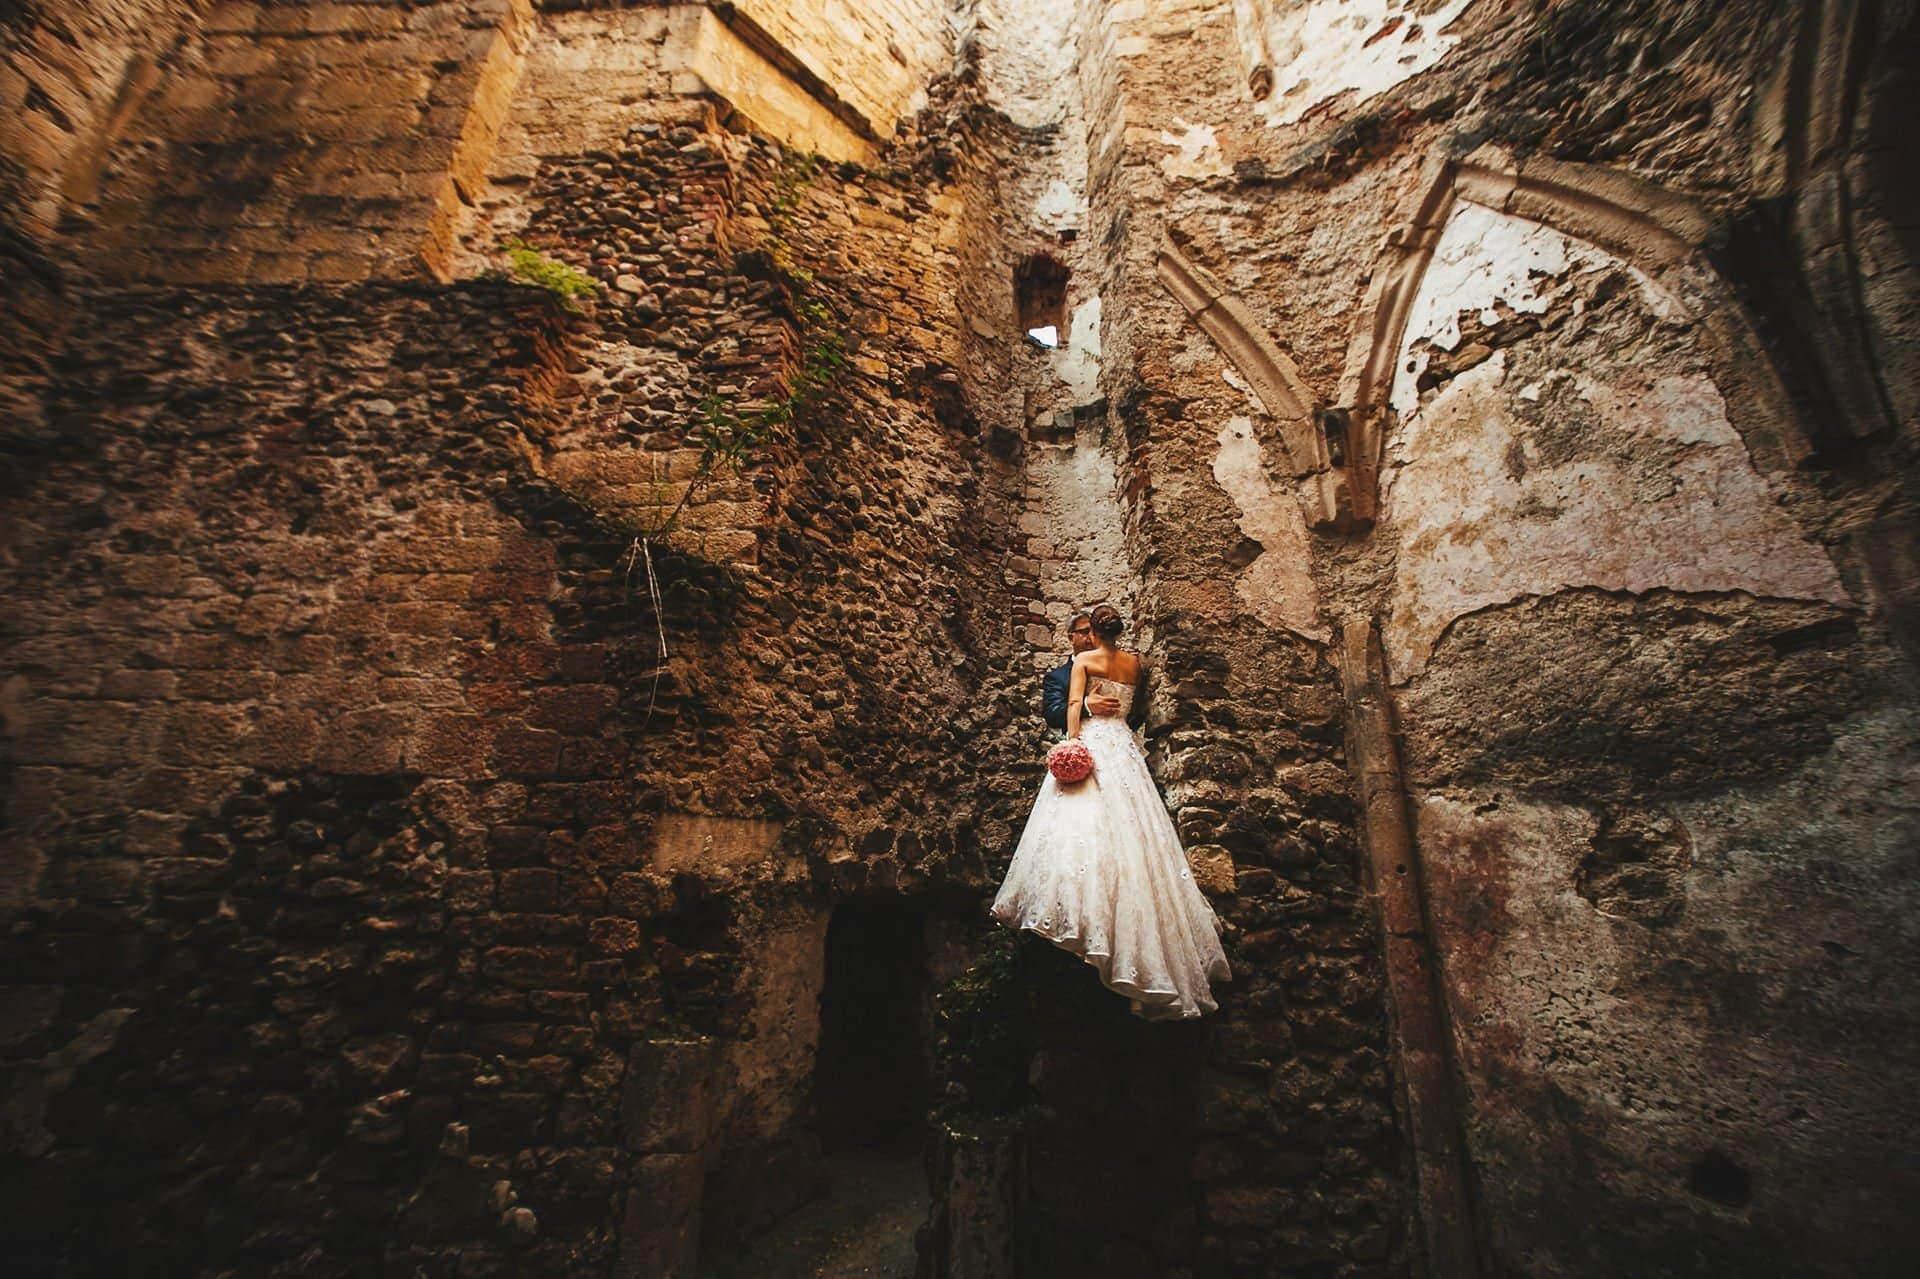 zicka kartuzija wedding photography